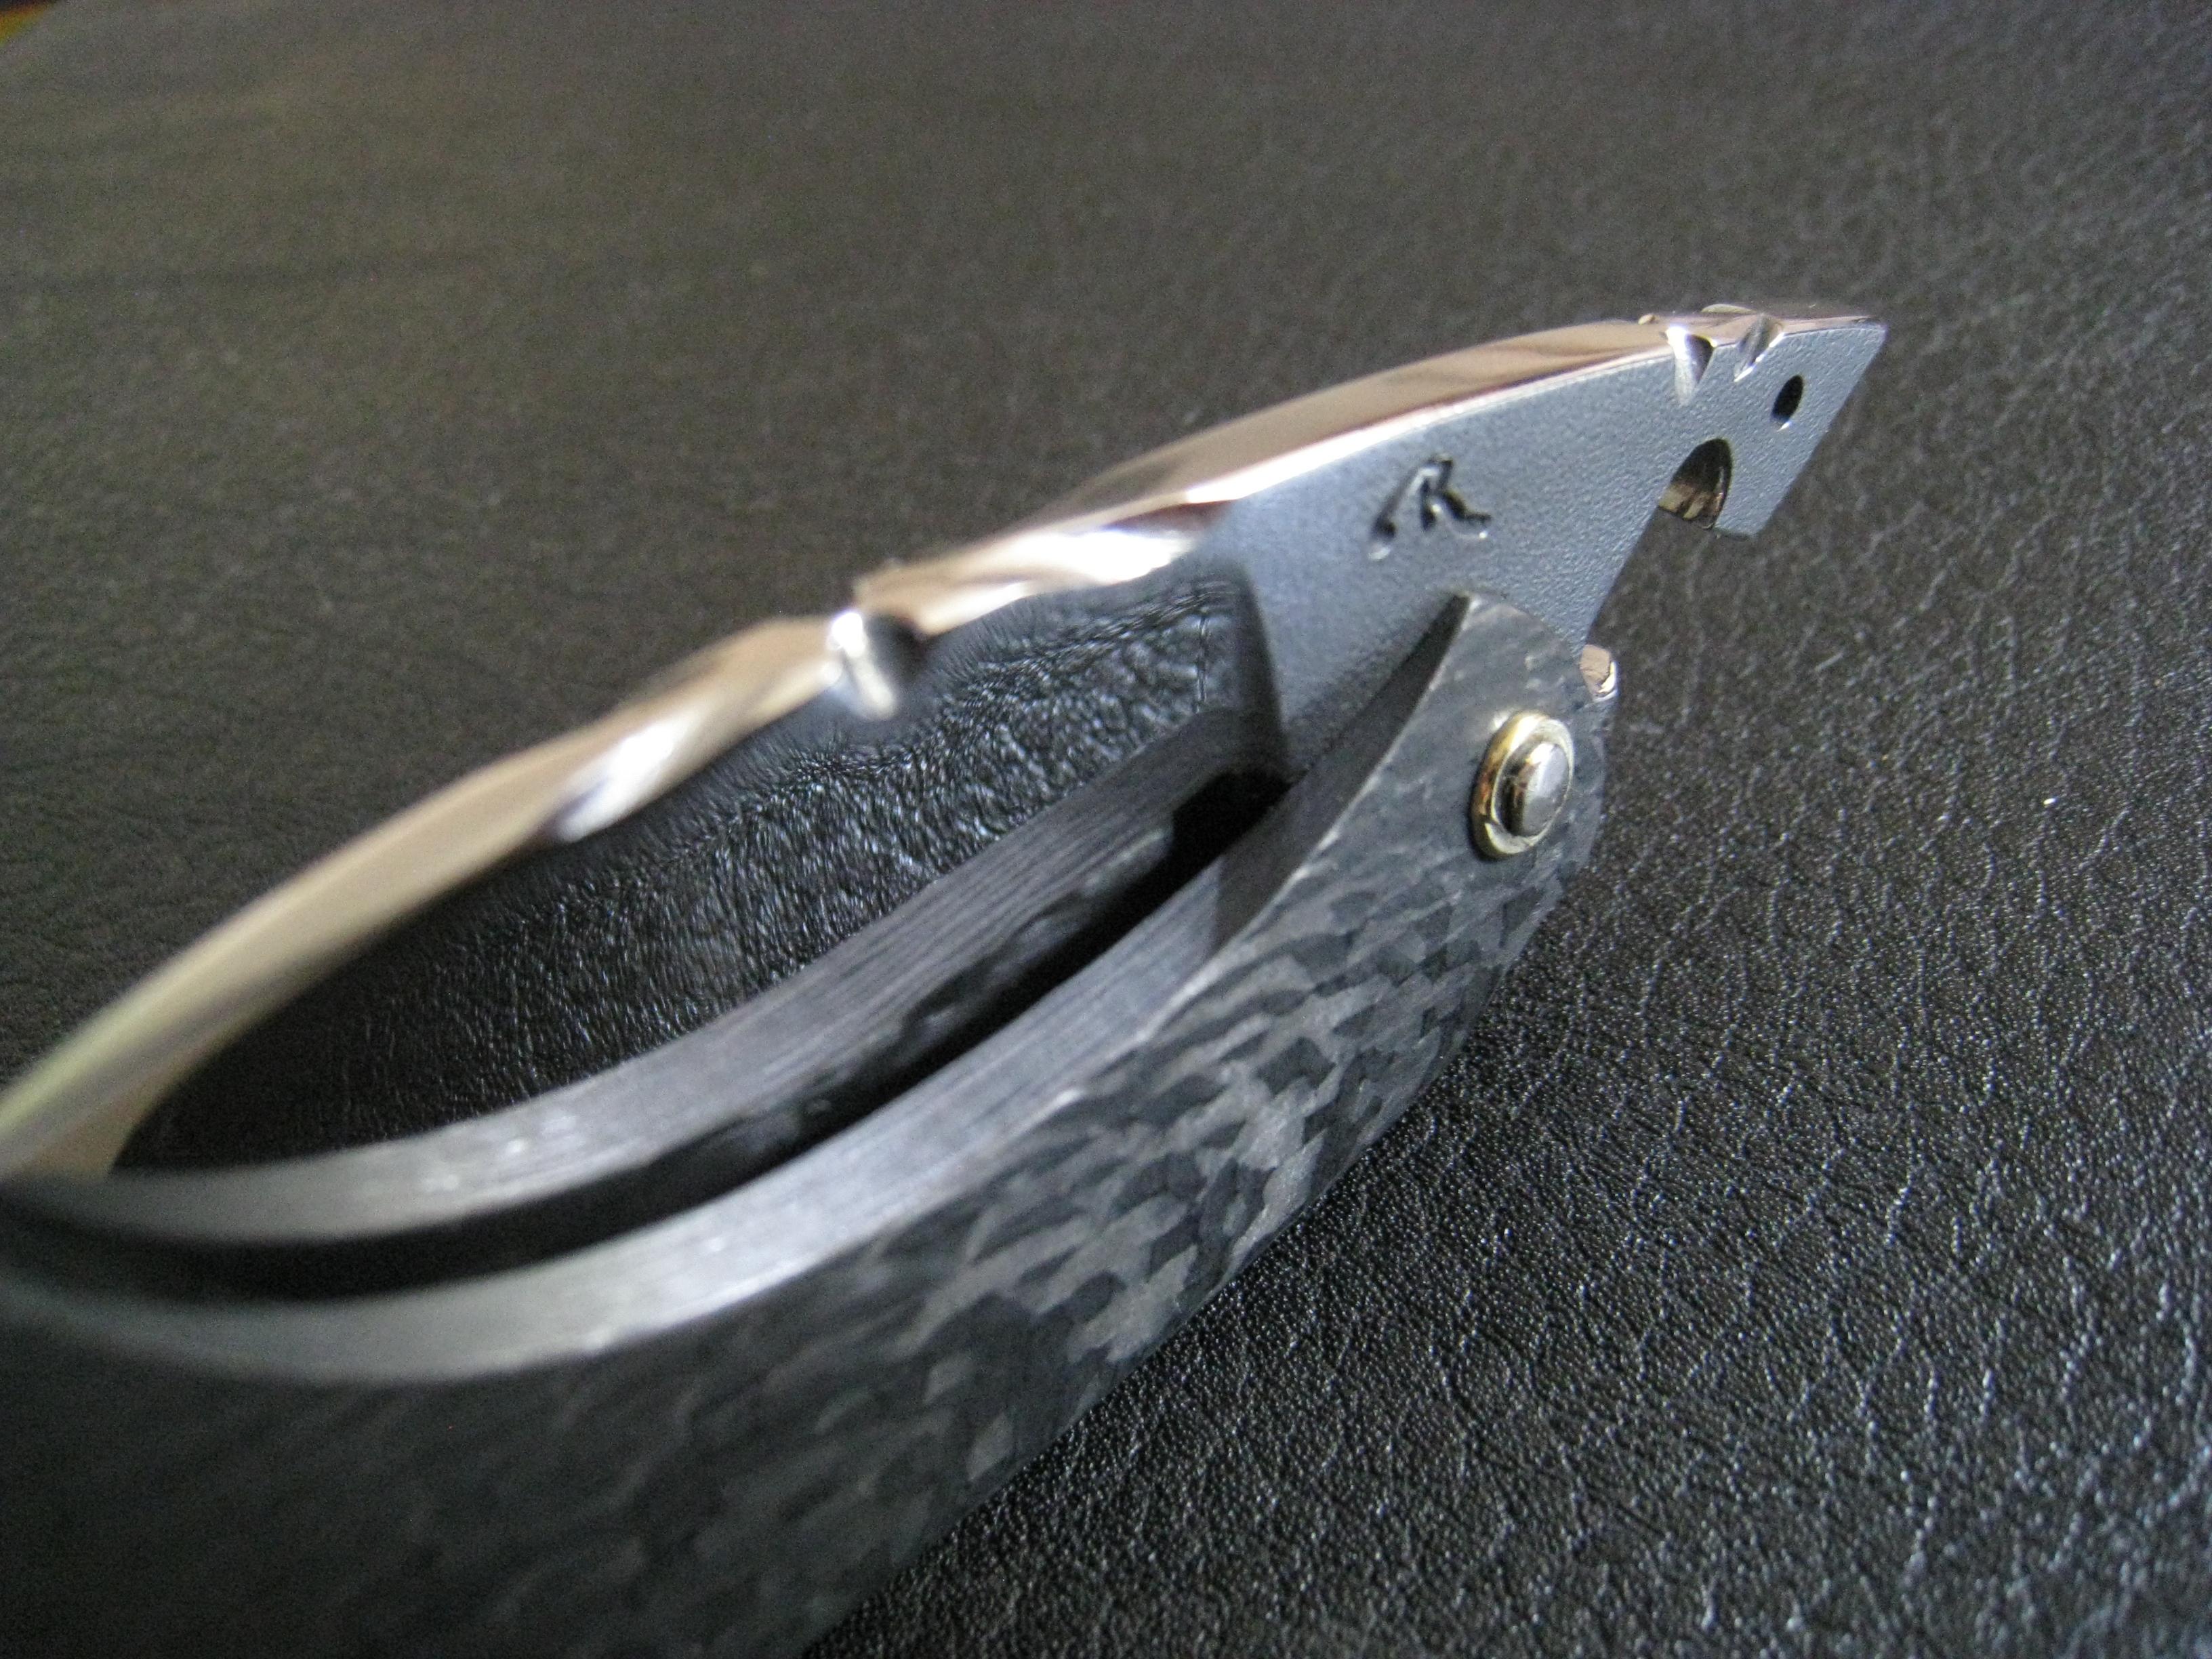 Un mini requin mousse lame polie miroir 50 mm x 33 mm x for Miroir 50 mm